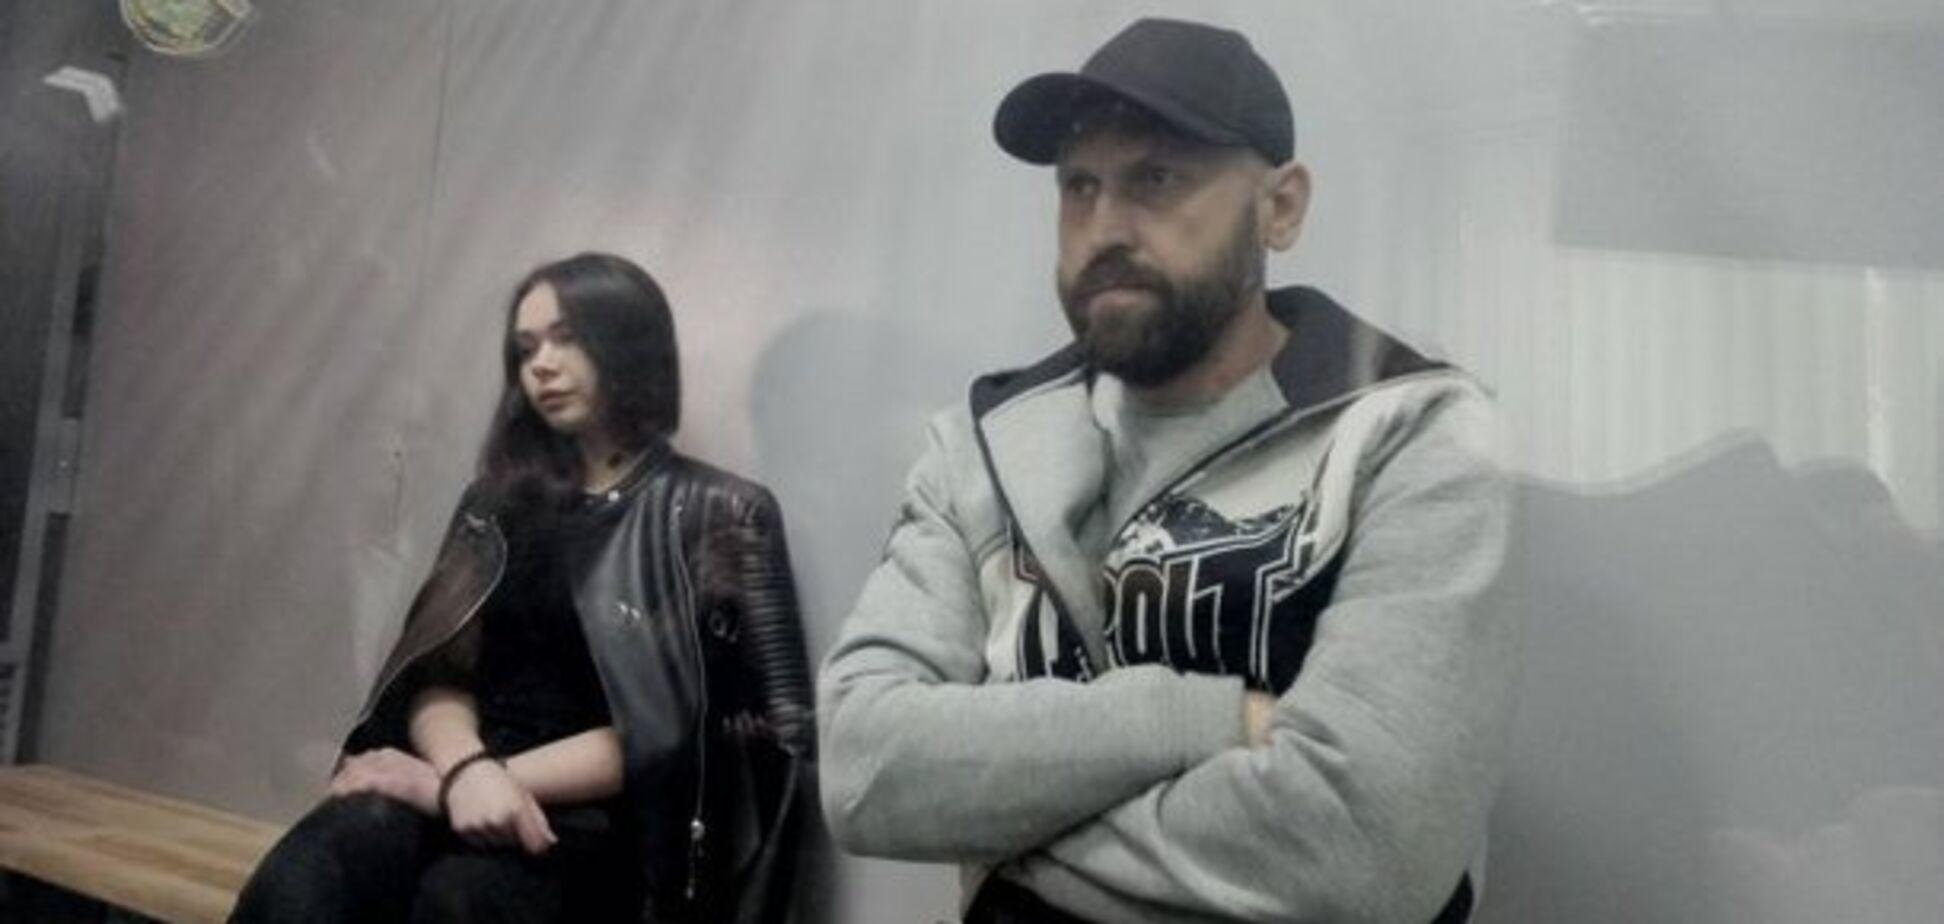 Смертельное ДТП в Харькове: прокуроры назвали срок для Зайцевой и Дронова